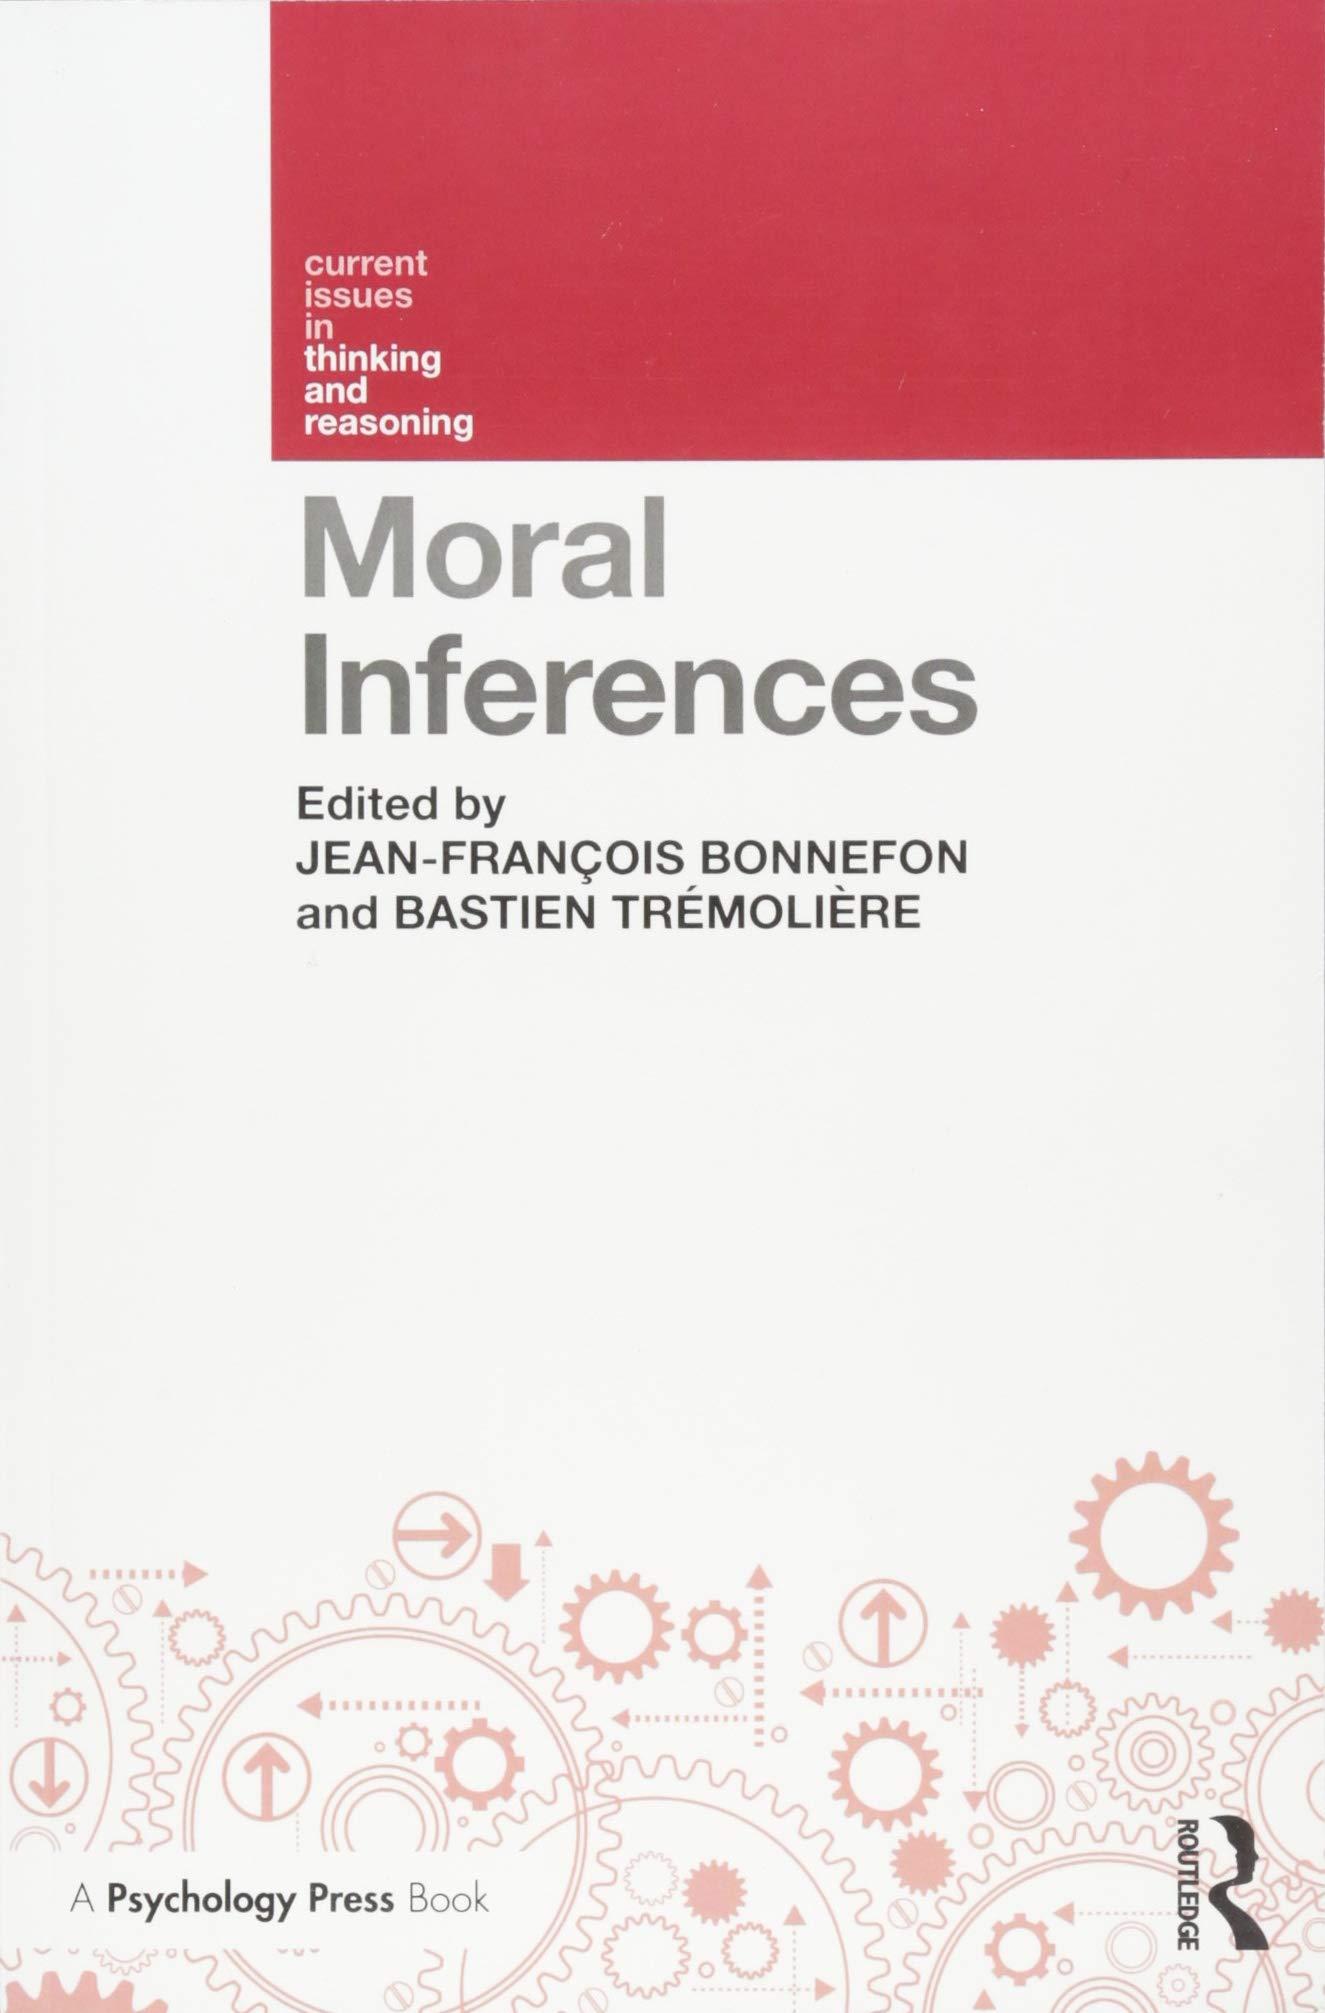 Moral Inferences - Jean-Francois Bonnefon, Bastien Tremoliere